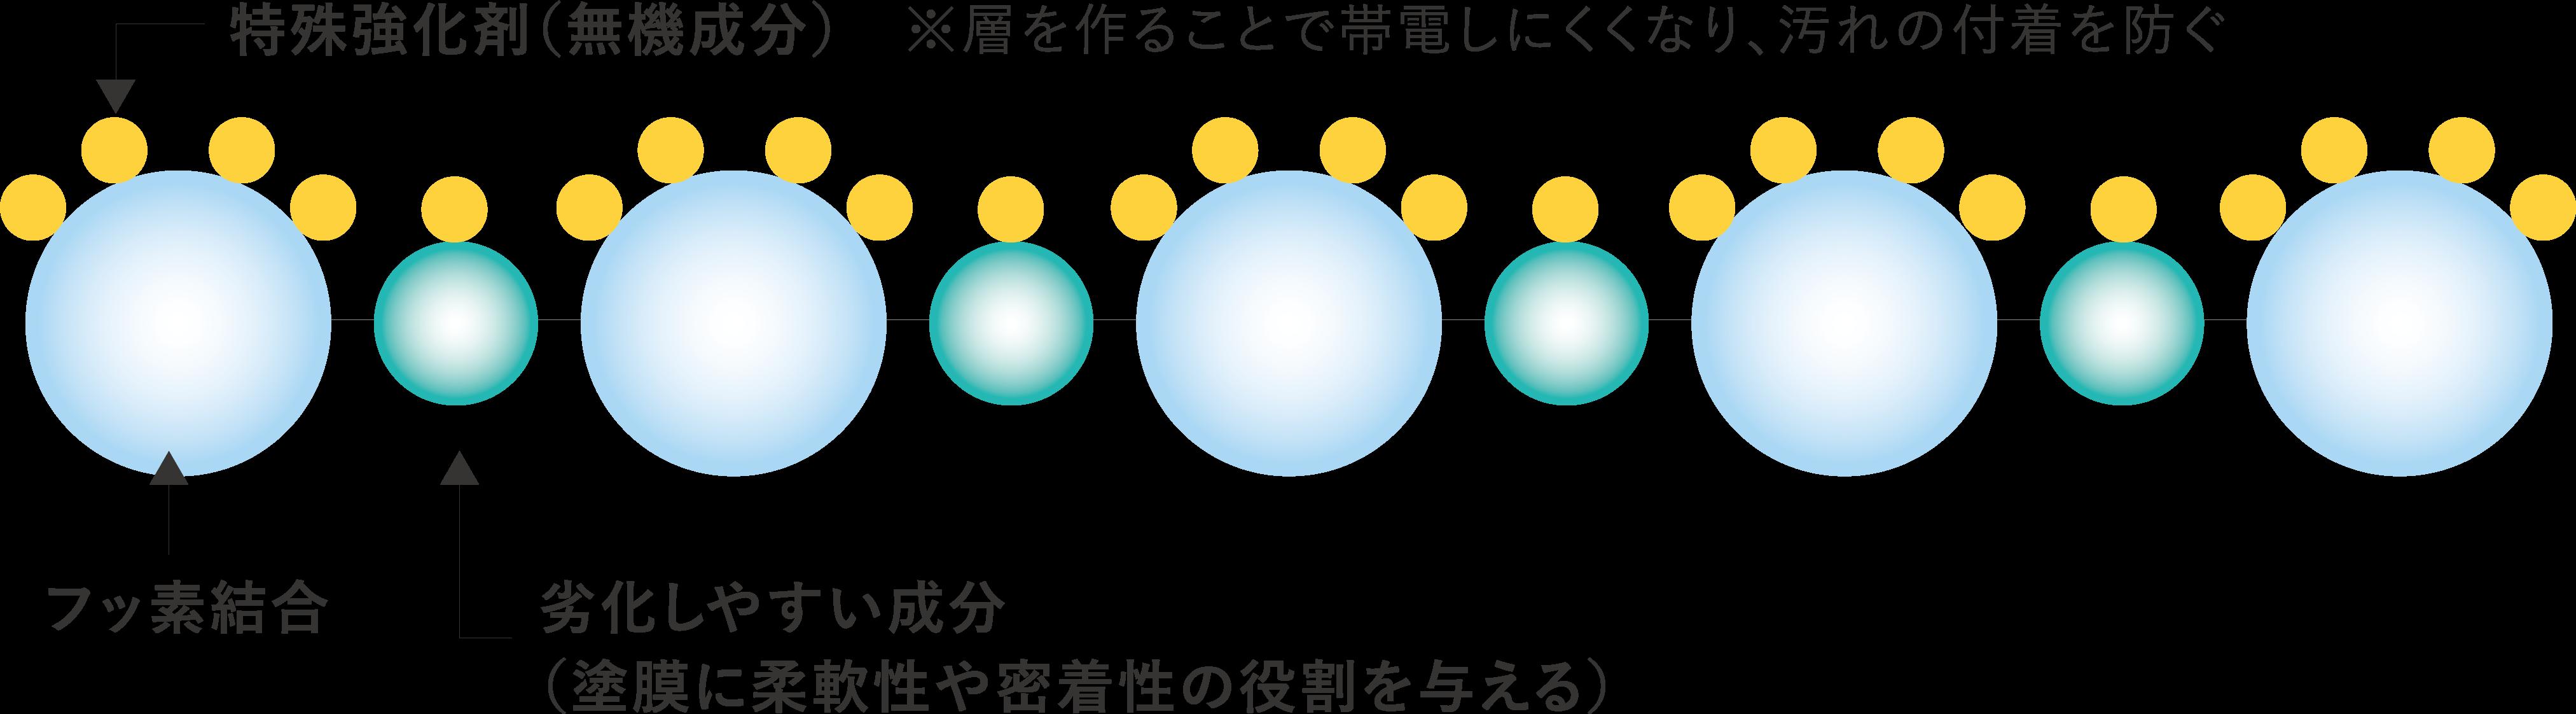 フッ素樹脂の表面に無機成分(特殊強化剤)を固着